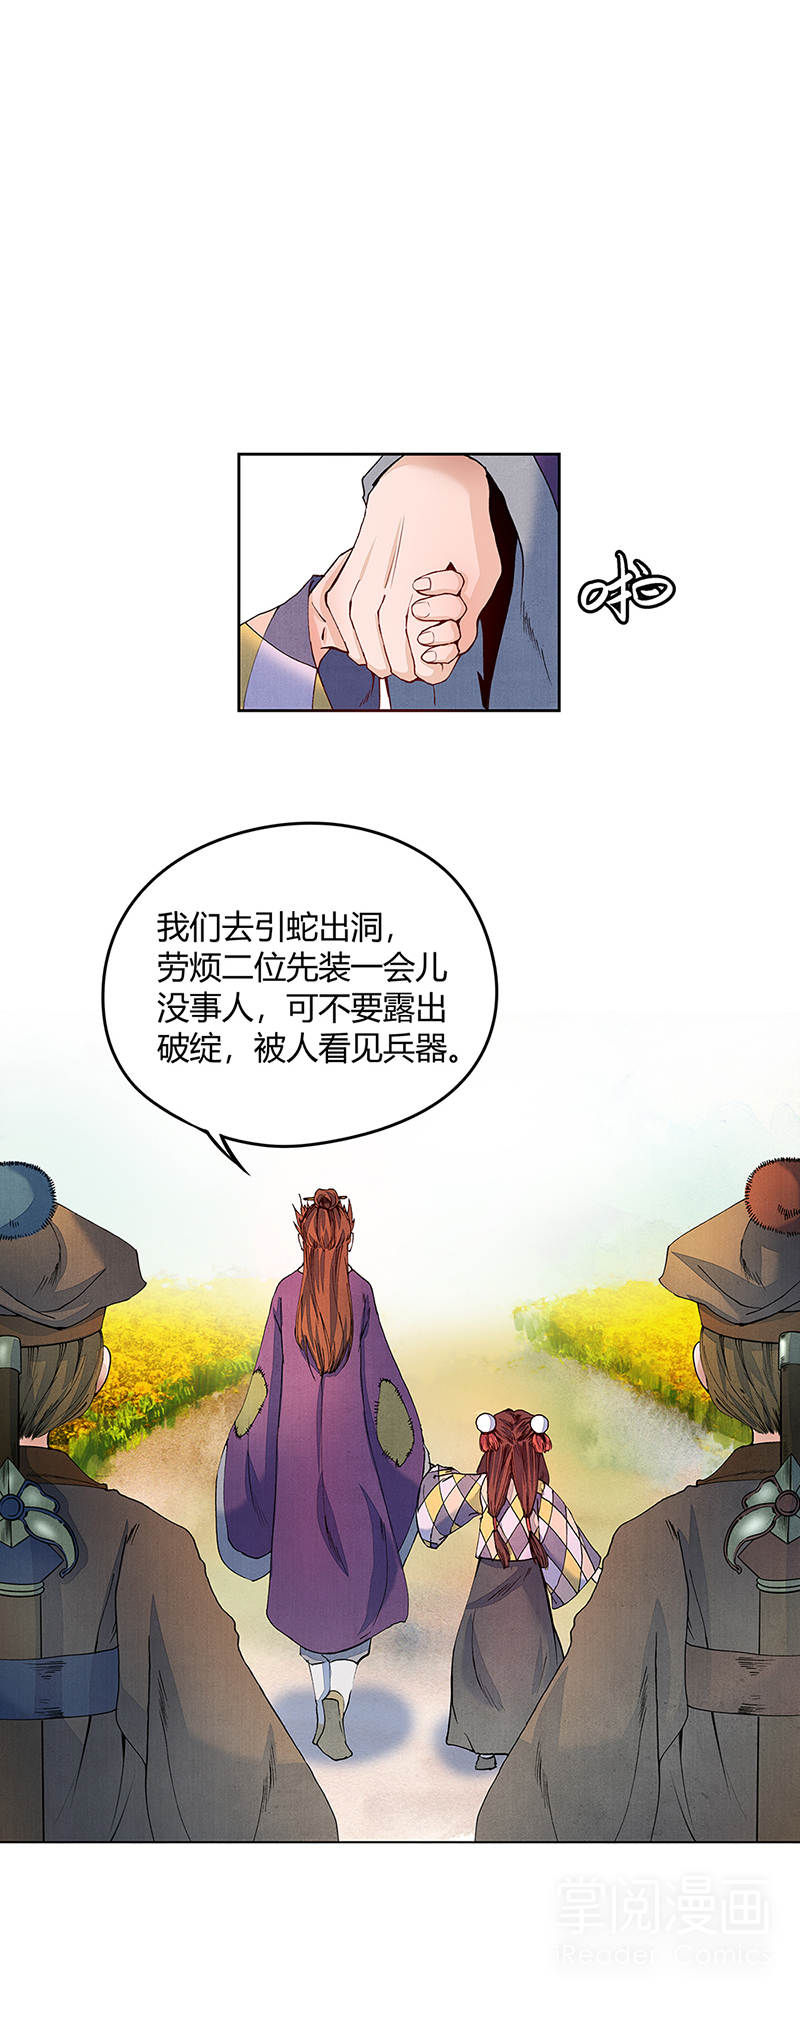 逍遥游第30话  神闲气定刃有余 第 6